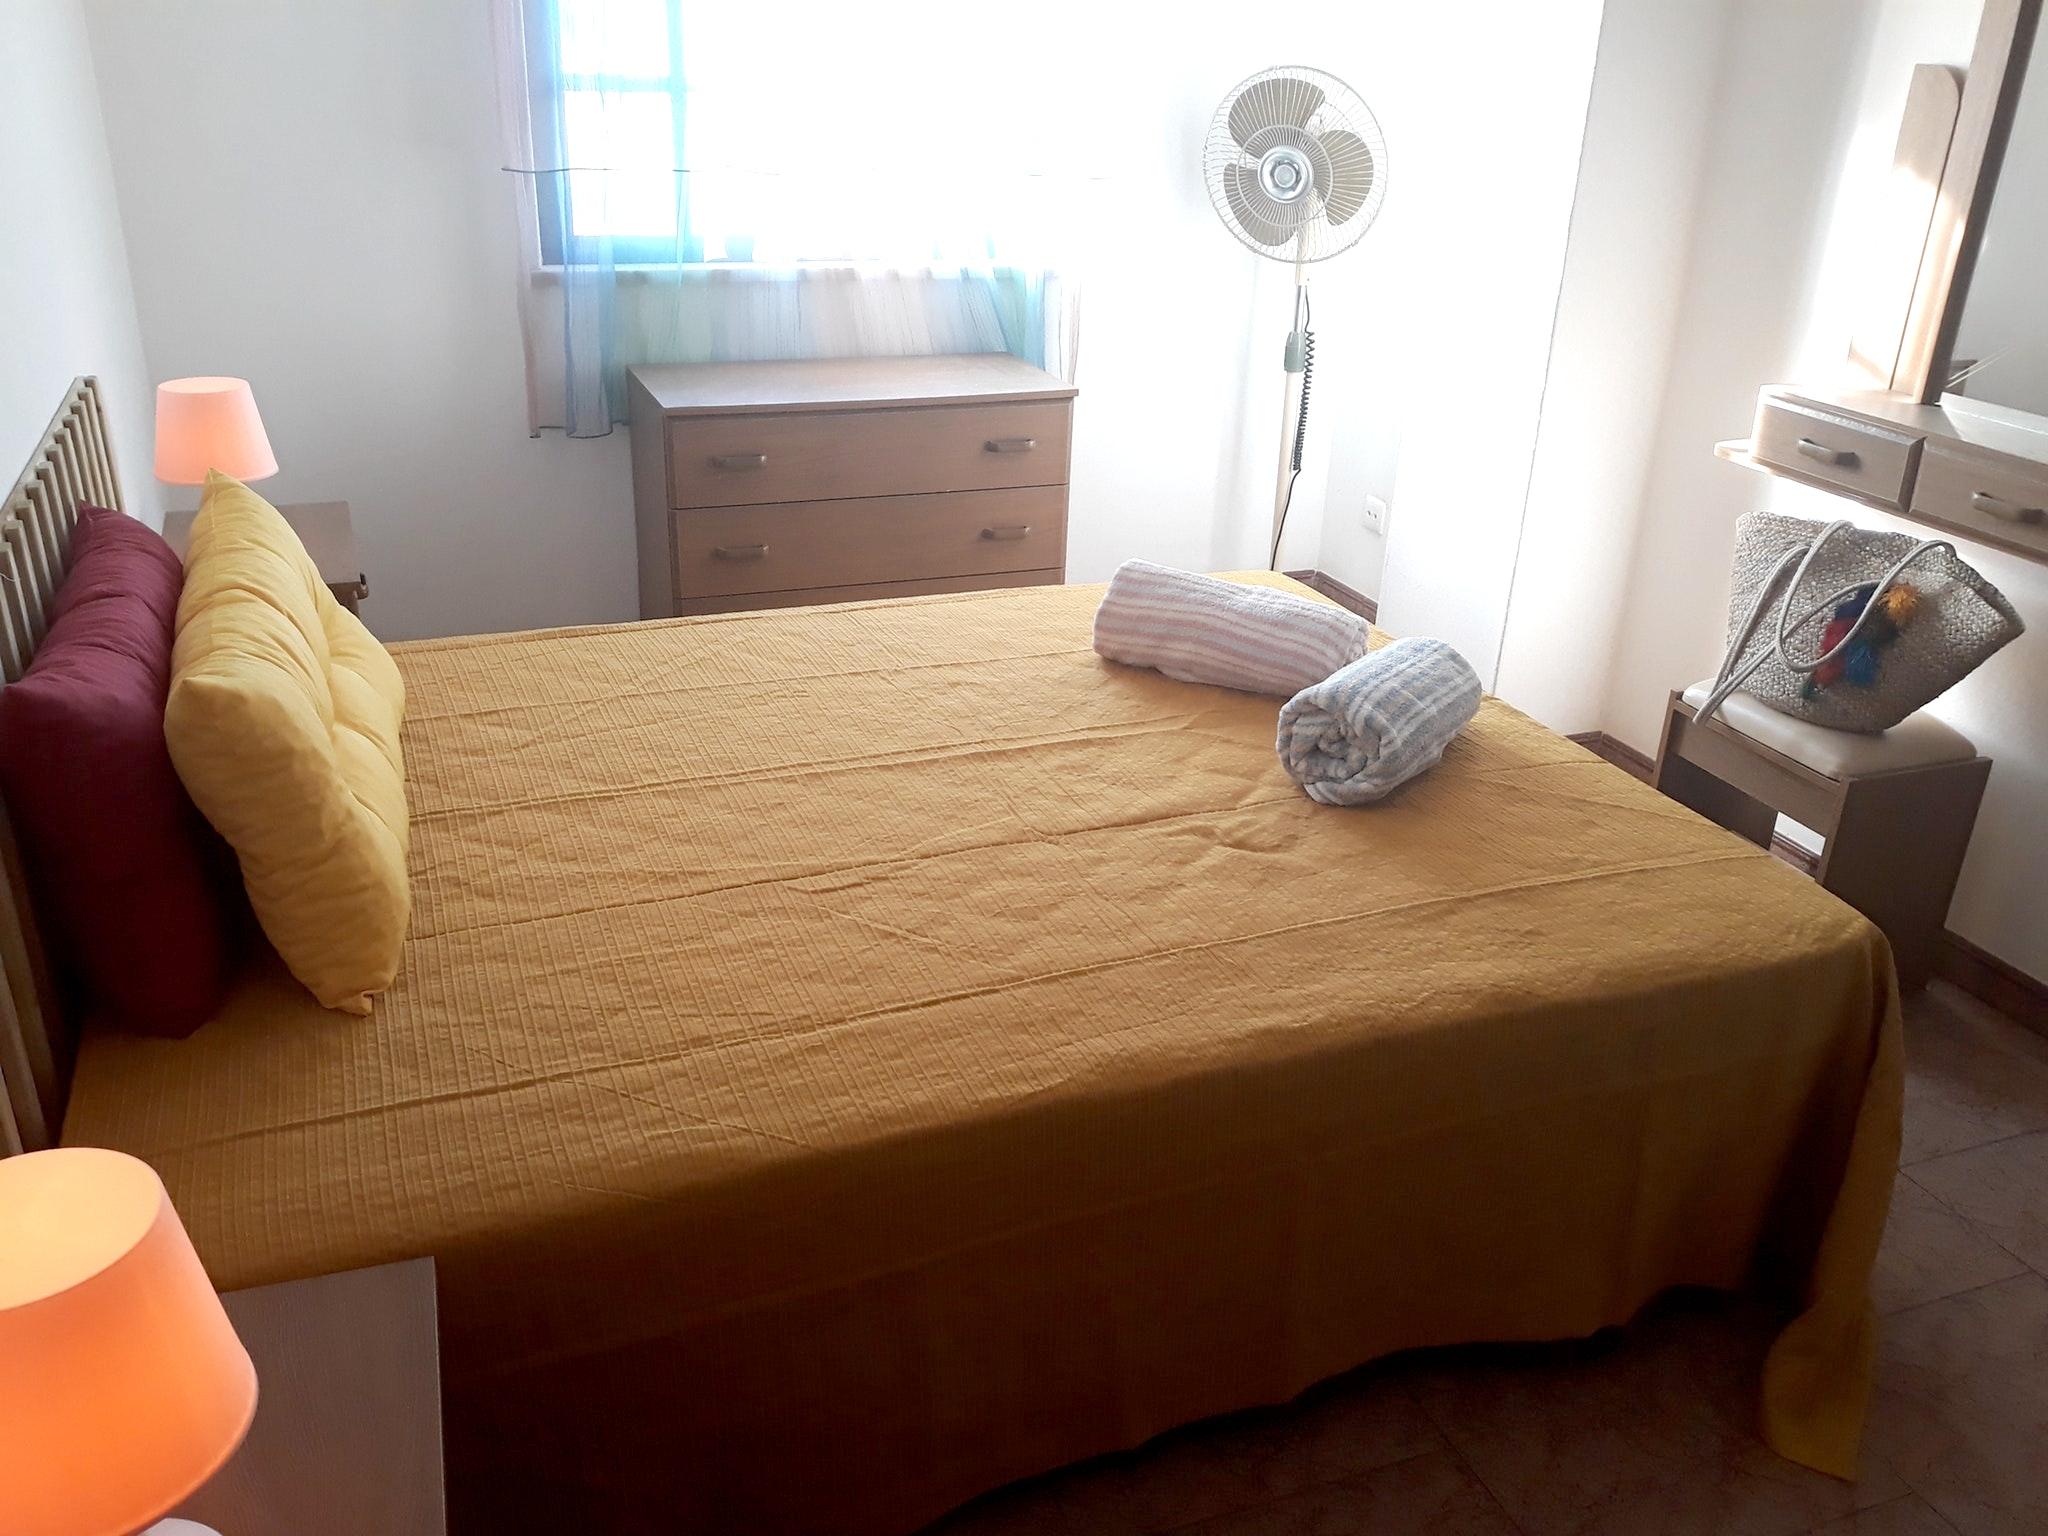 Ferienwohnung Wohnung mit 2 Schlafzimmern in Parchal mit Pool, Balkon und W-LAN - 1 km vom Strand entfer (2622202), Parchal, , Algarve, Portugal, Bild 10